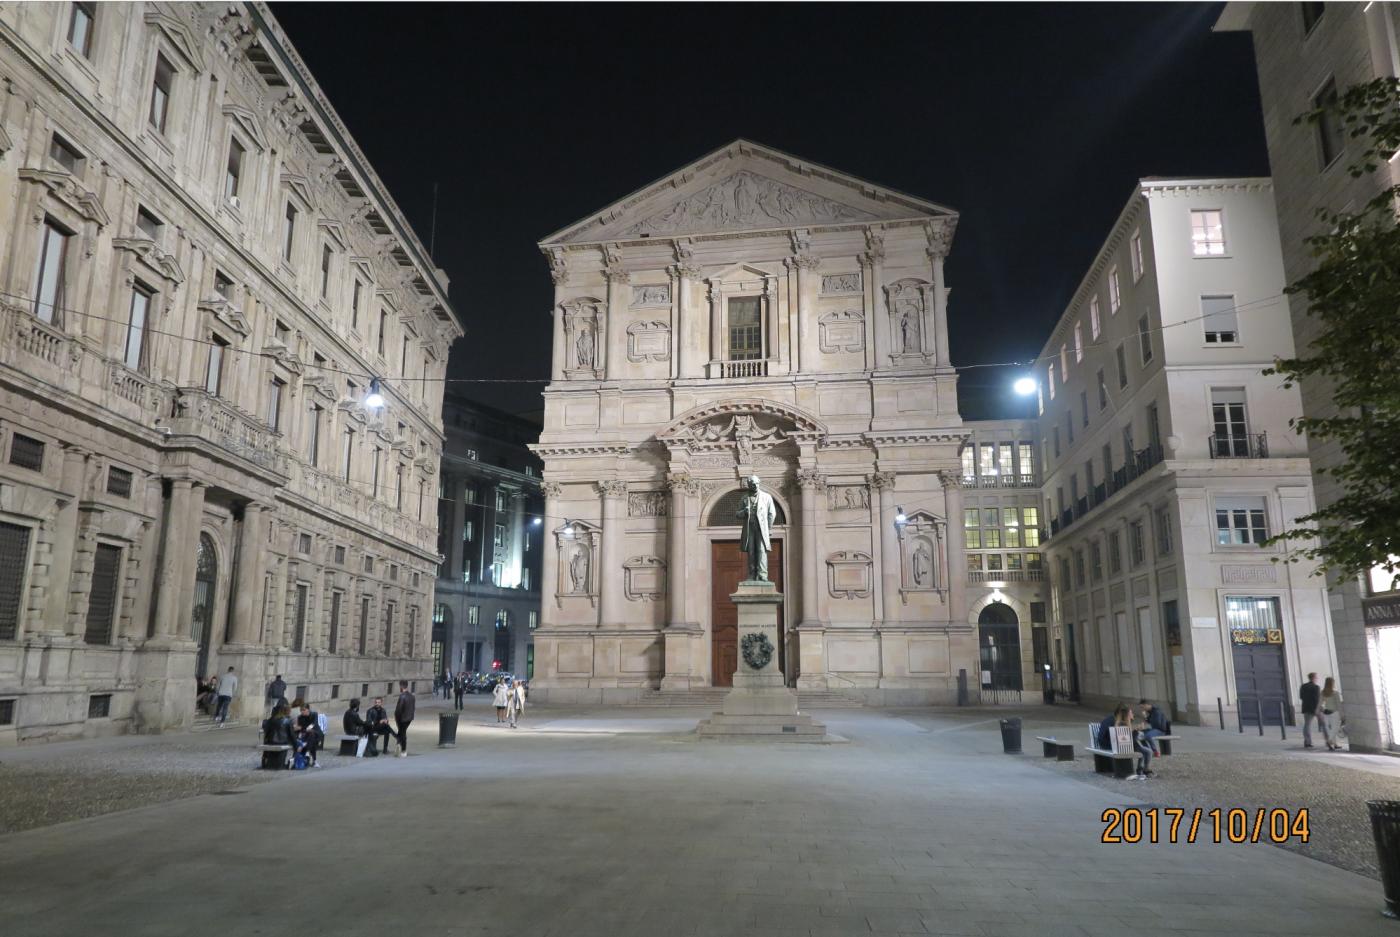 乐趣无穷:抓怕意大利街头的形形色色_图1-23